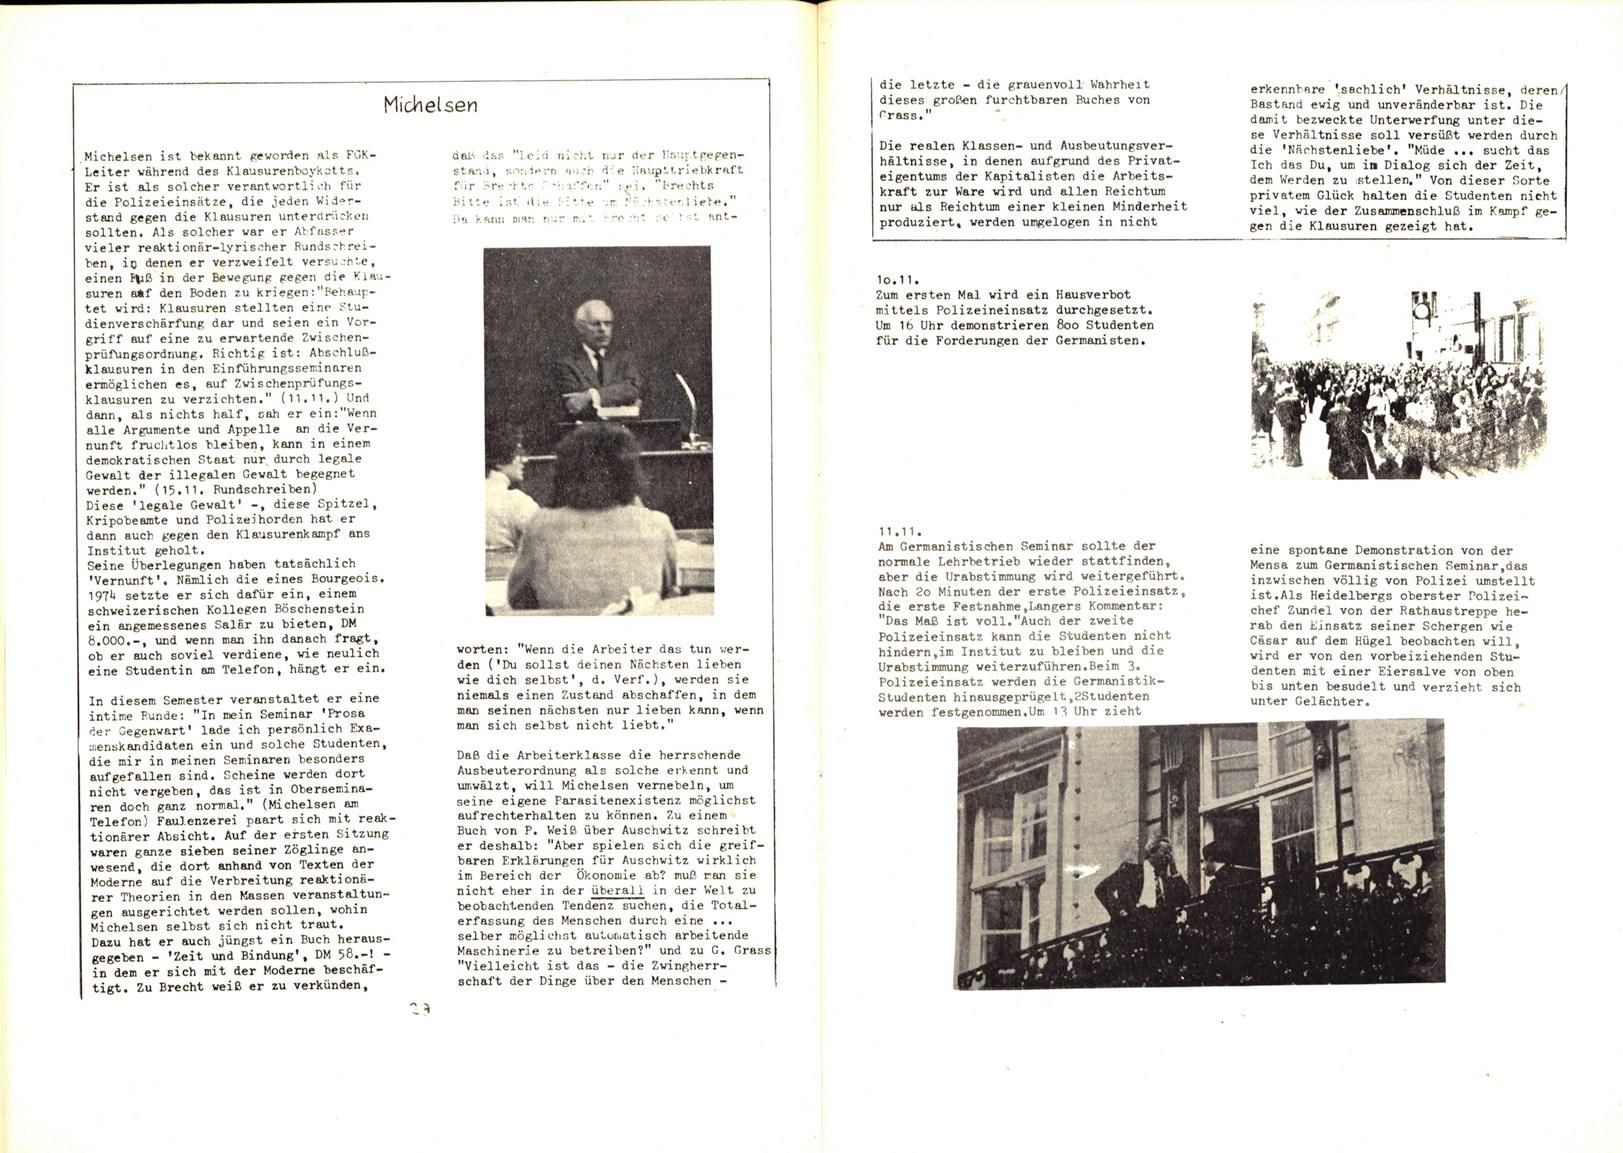 Heidelberg_KHG_1977_Chronik_WS_1976_77_13